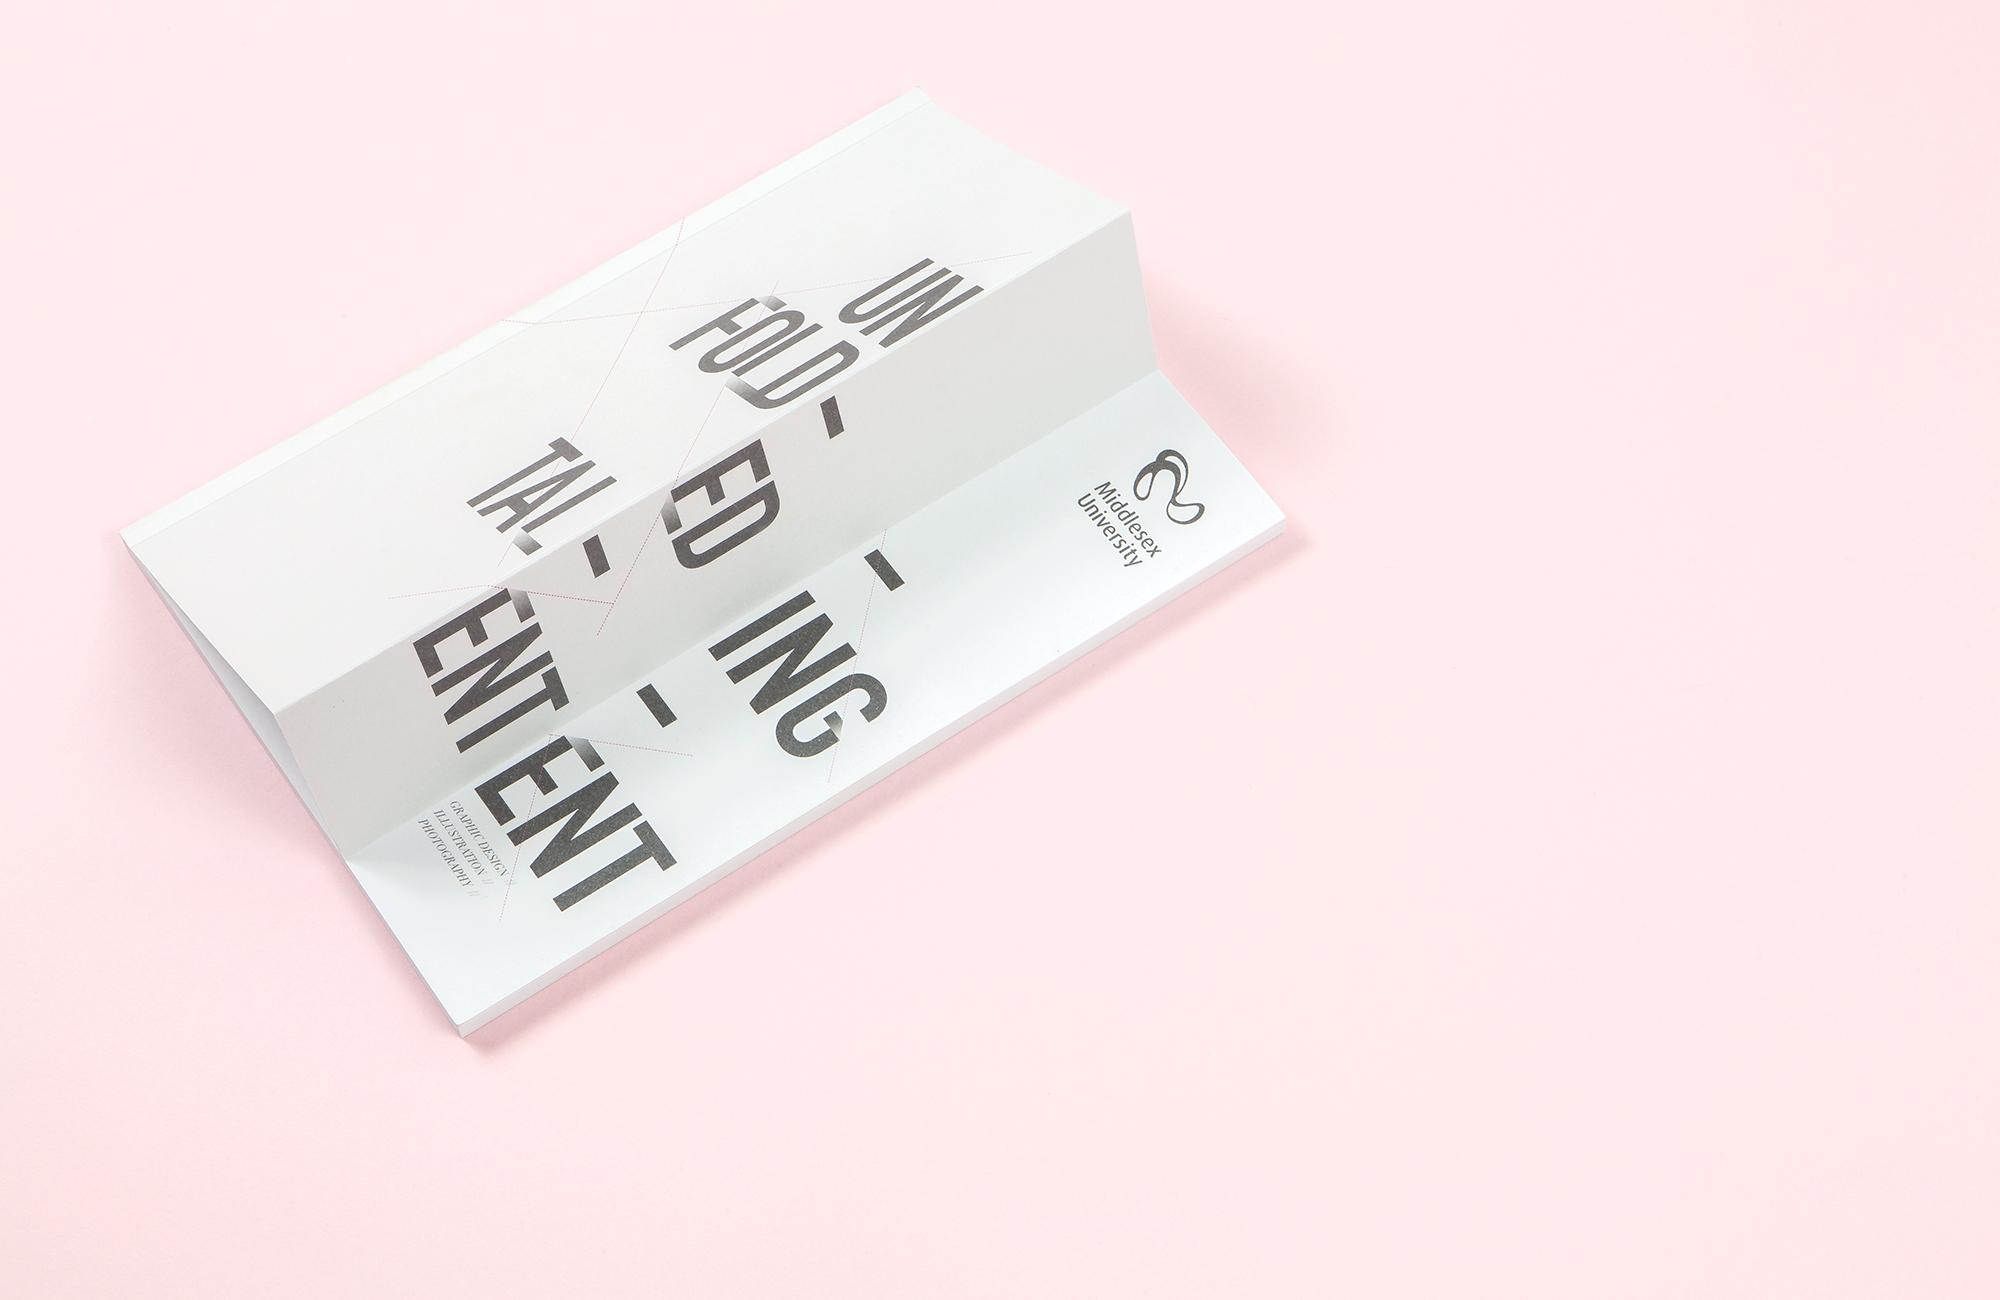 All Works Co._Graphic_Design_Studio_London_UnfoldingTalent_Print_Arts_Catalogue_05